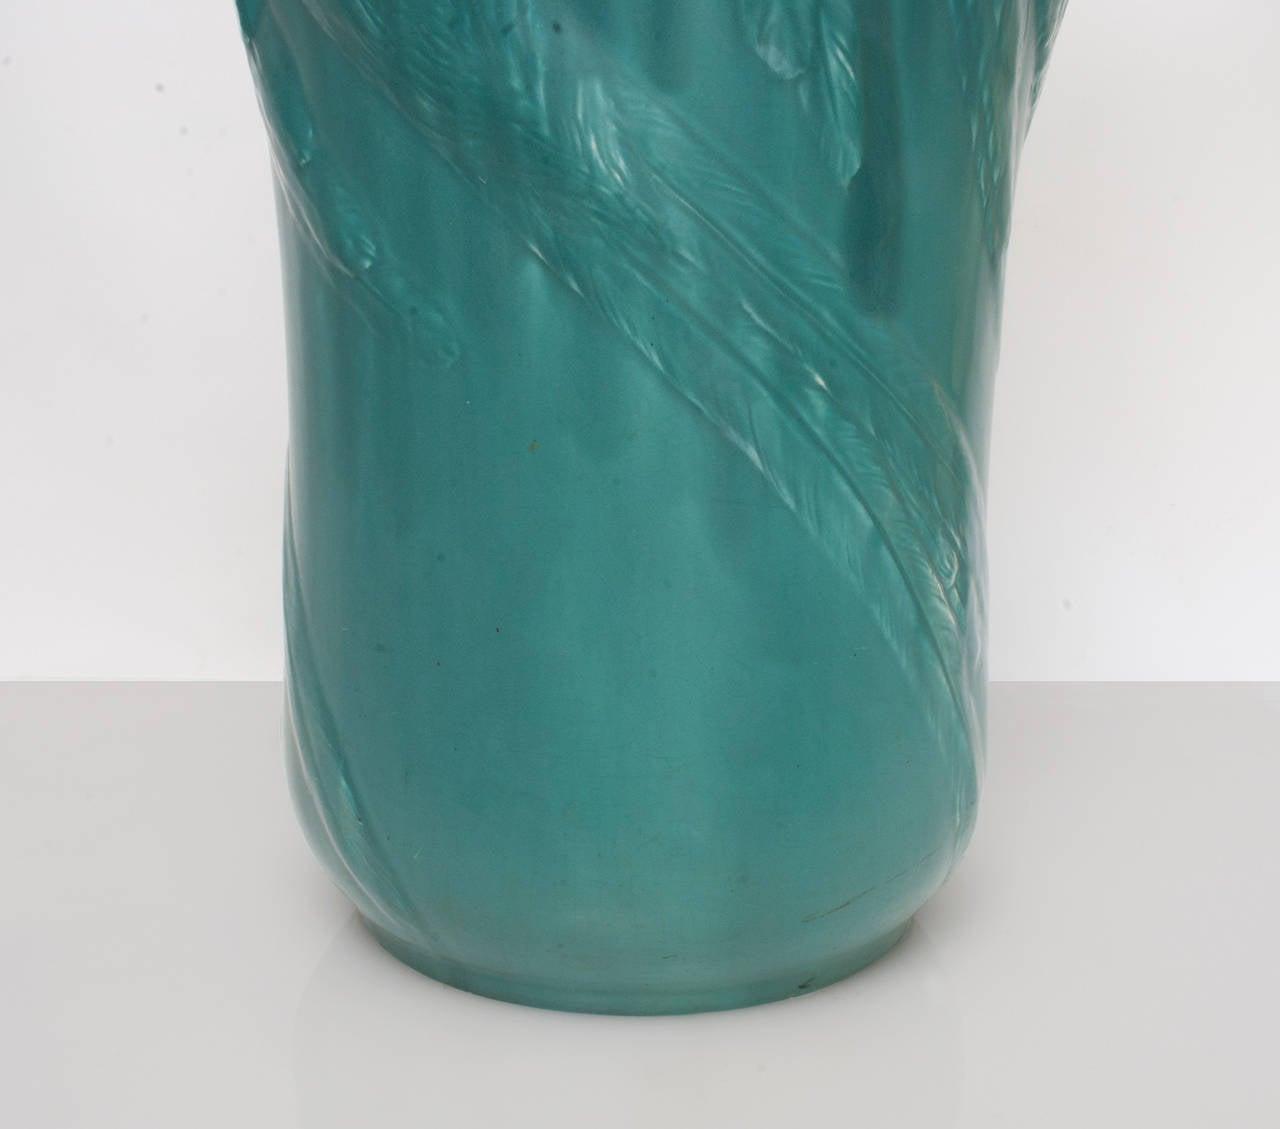 Glazed Large Swedish Ceramic Umbrella Stand or Vase by Alf Wallander for Rörstrand For Sale